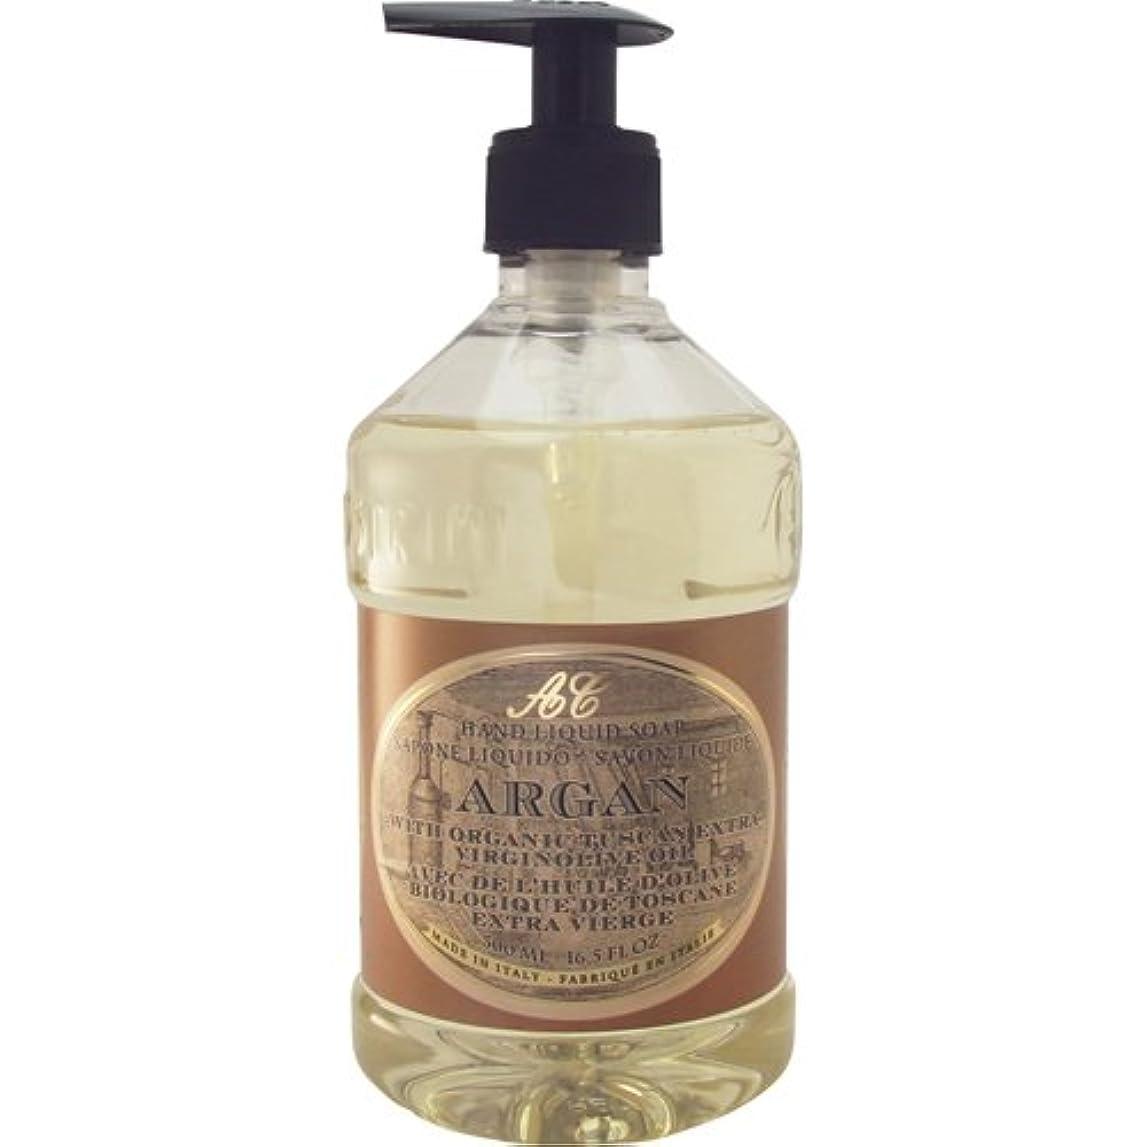 アトムフルーティー重量Saponerire Fissi レトロシリーズ Liquid Soap リキッドソープ 500ml Argan アルガンオイル